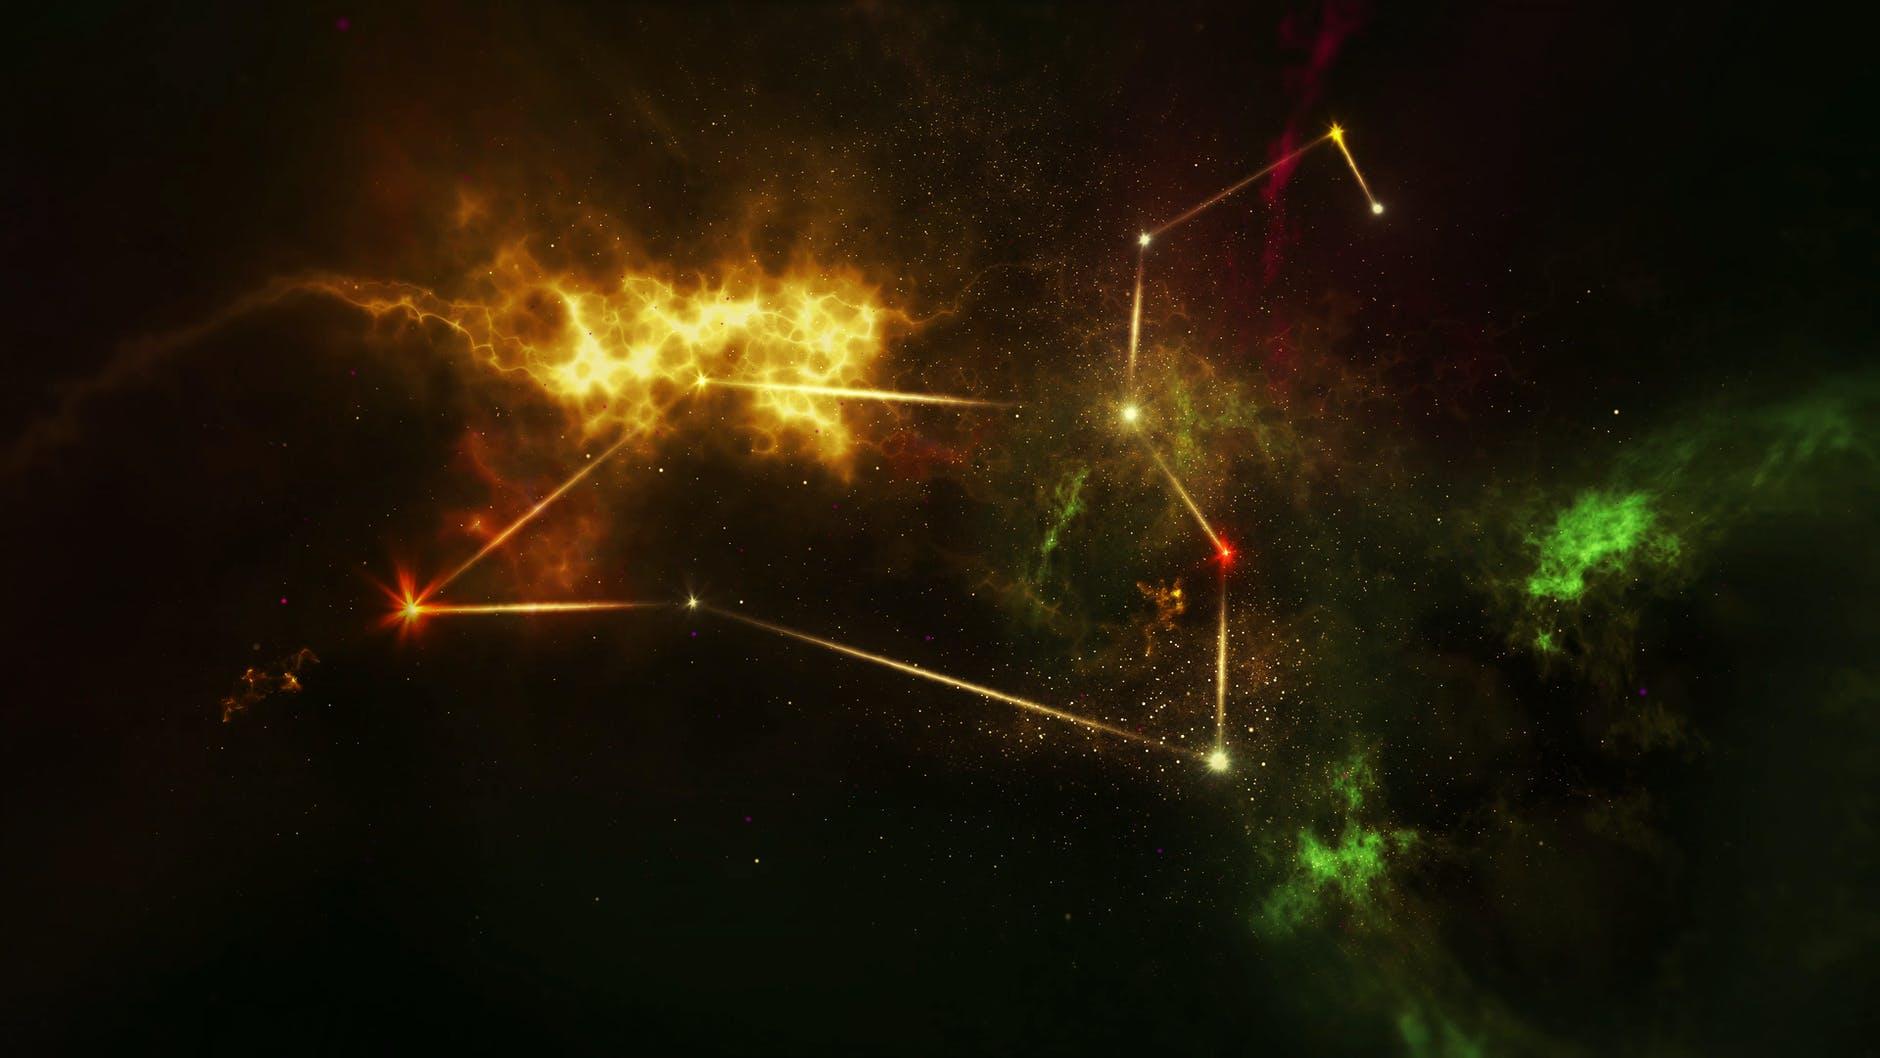 Comment obtenir des prévisions astrologiques fiables?